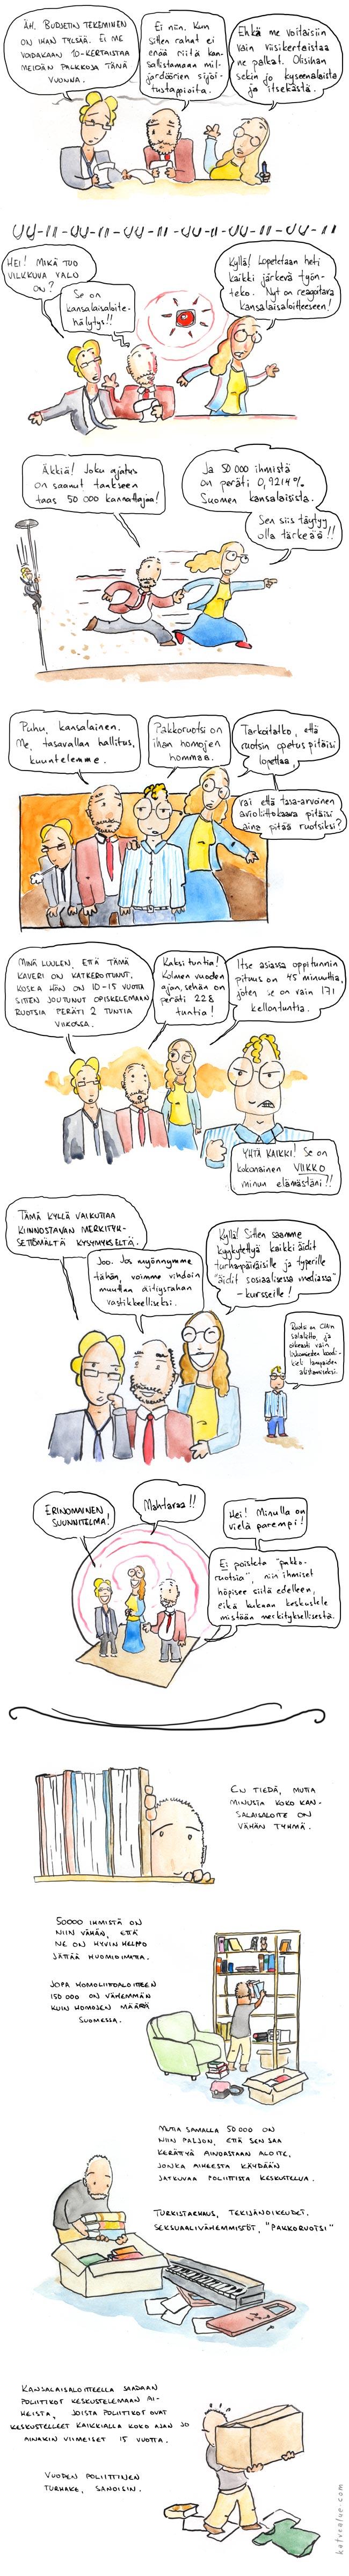 Kansalaisaloite